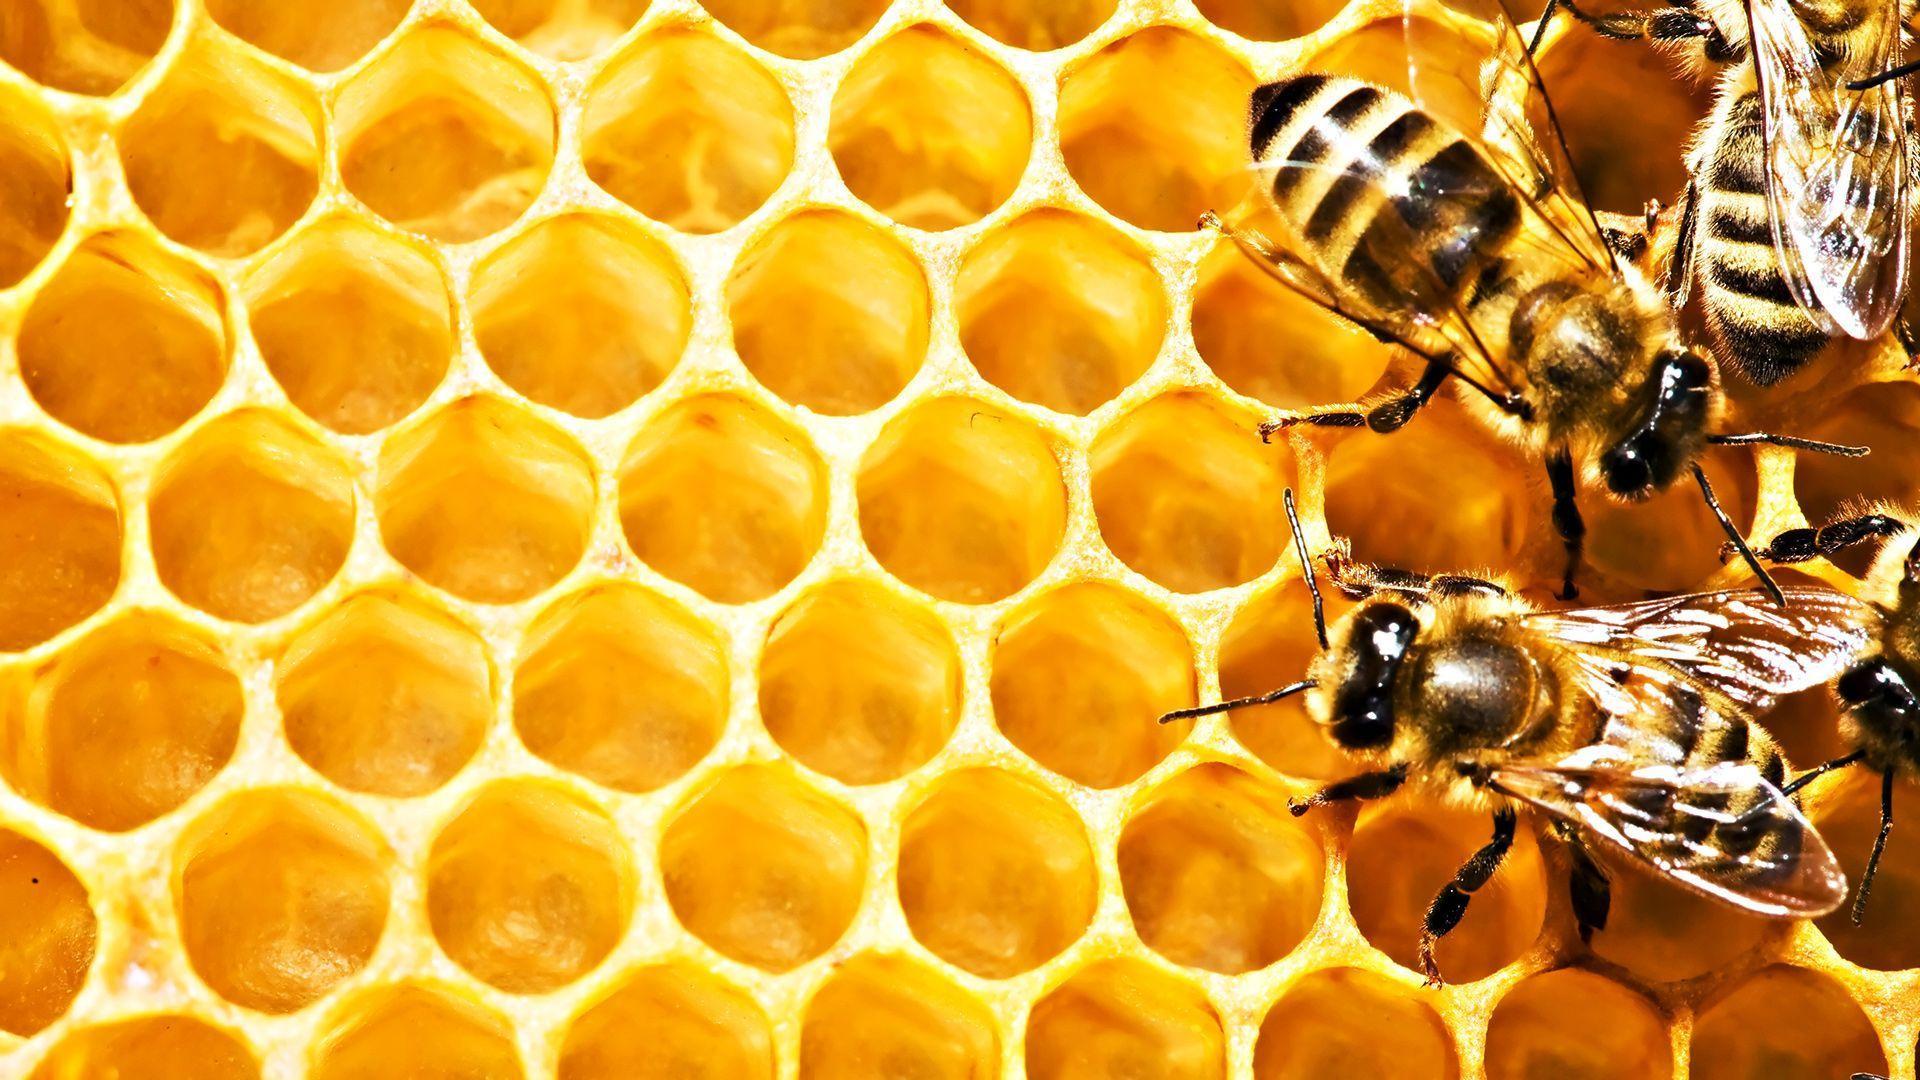 Cute Bee Desktop Wallpapers Top Free Cute Bee Desktop